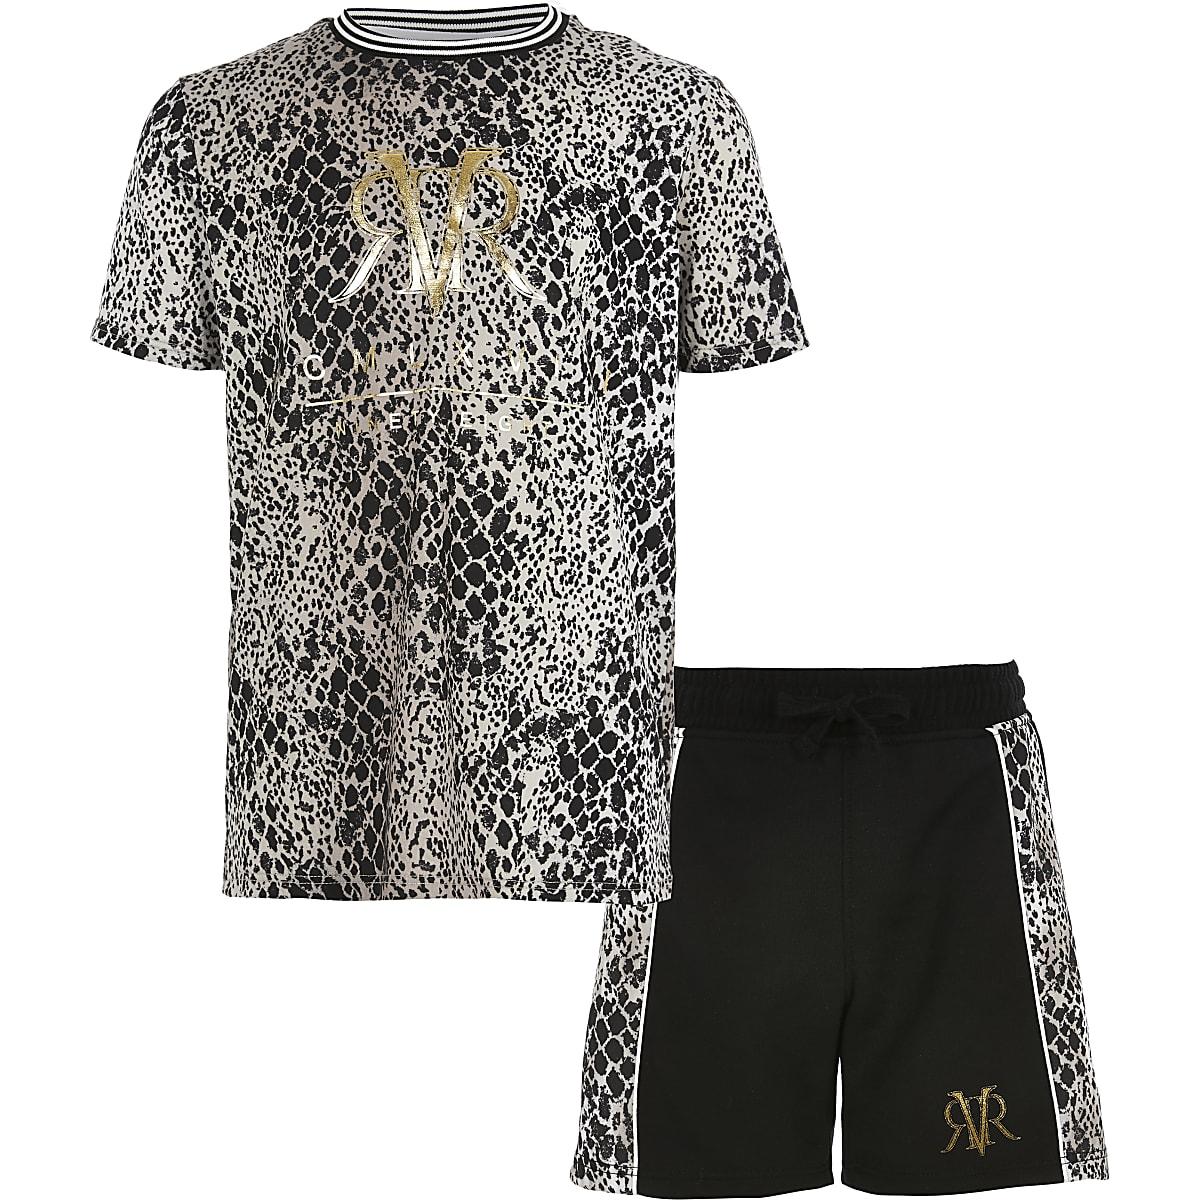 Outfit met bruin T-shirt met slangenprint voor jongens